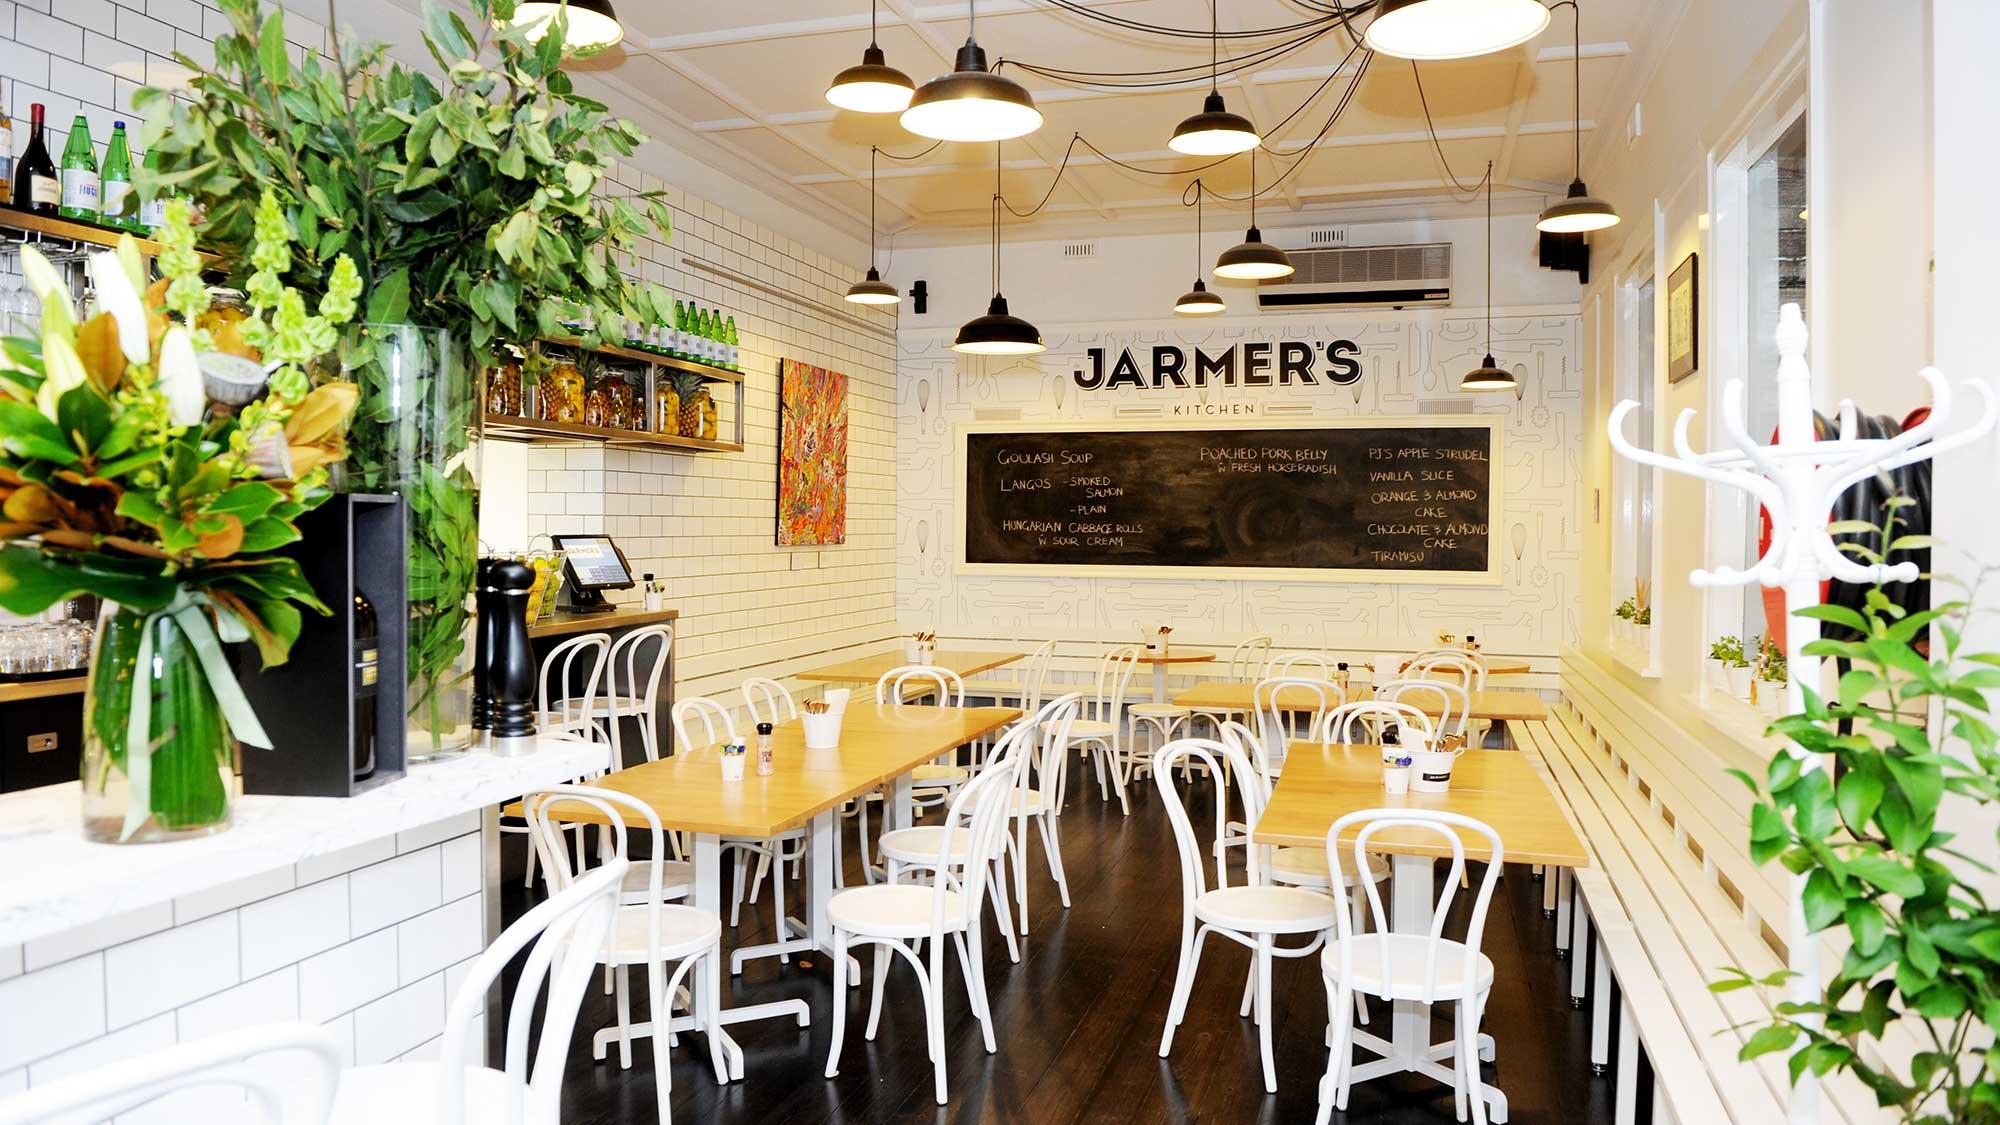 Jarmer's Kitchen